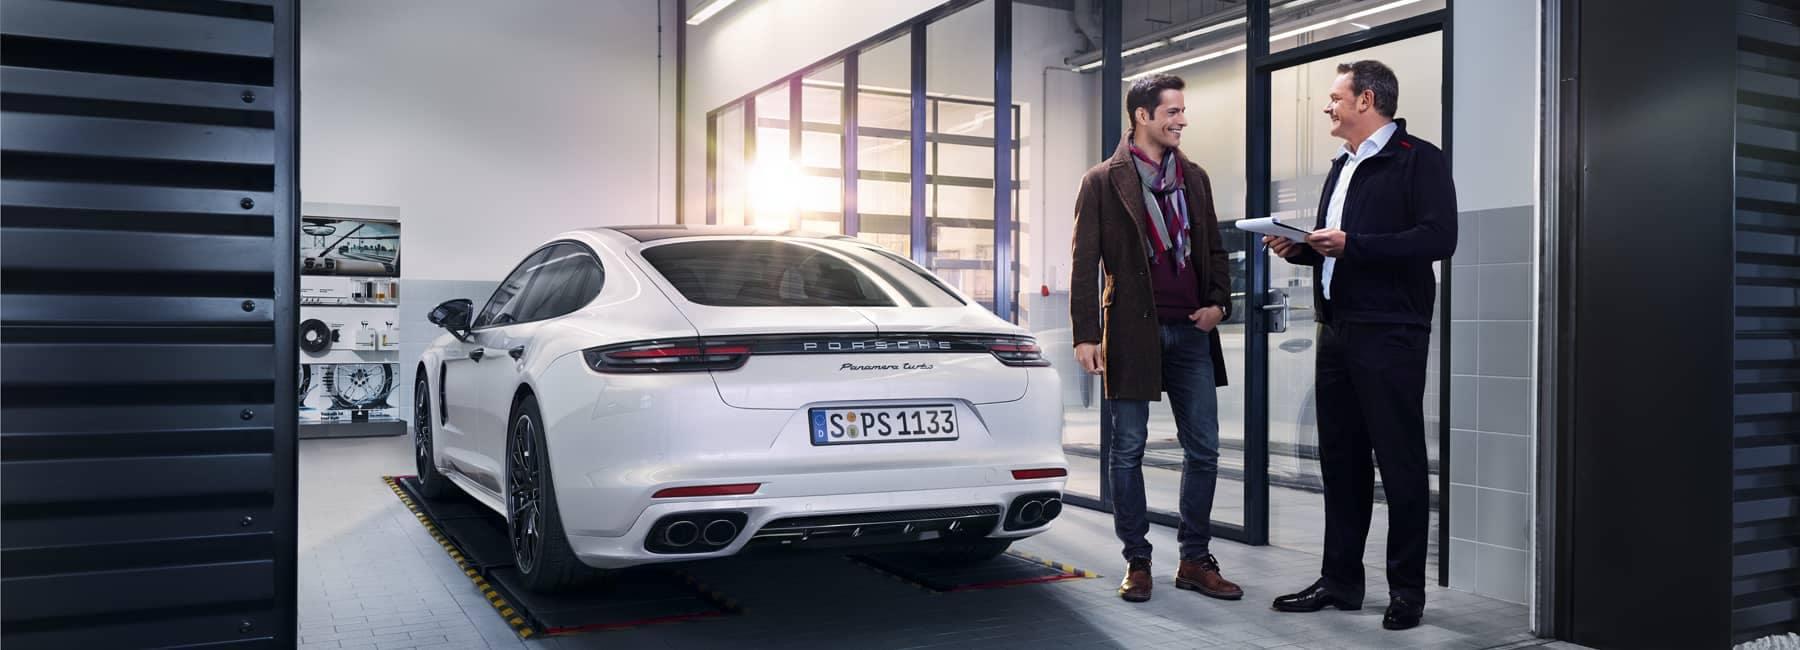 Porsche Direct Dialog